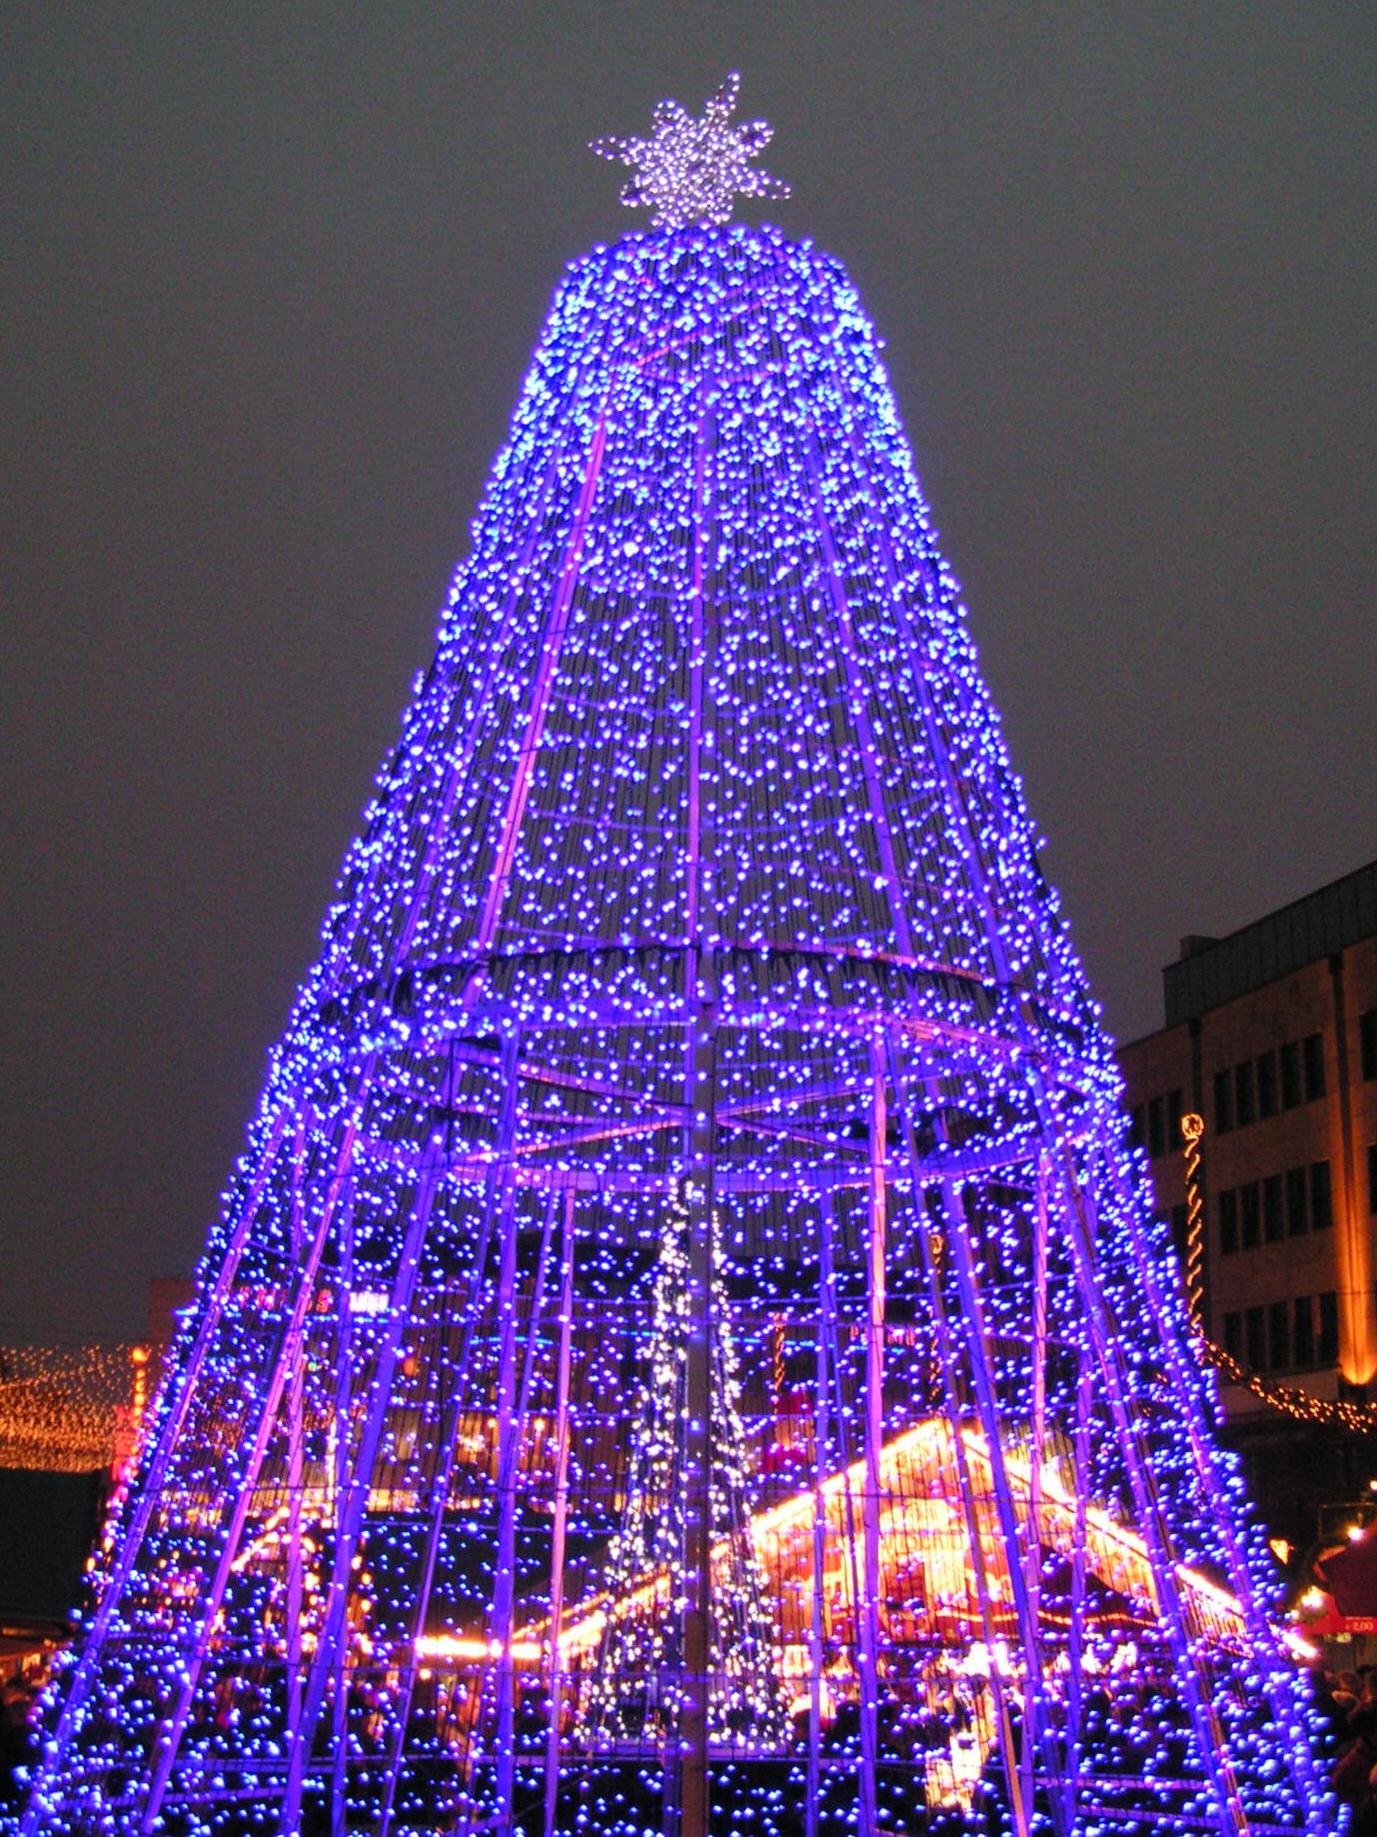 öffnungszeiten Essen Weihnachtsmarkt.Datei Essen Weihnachtsmarkt Jpg Wikipedia